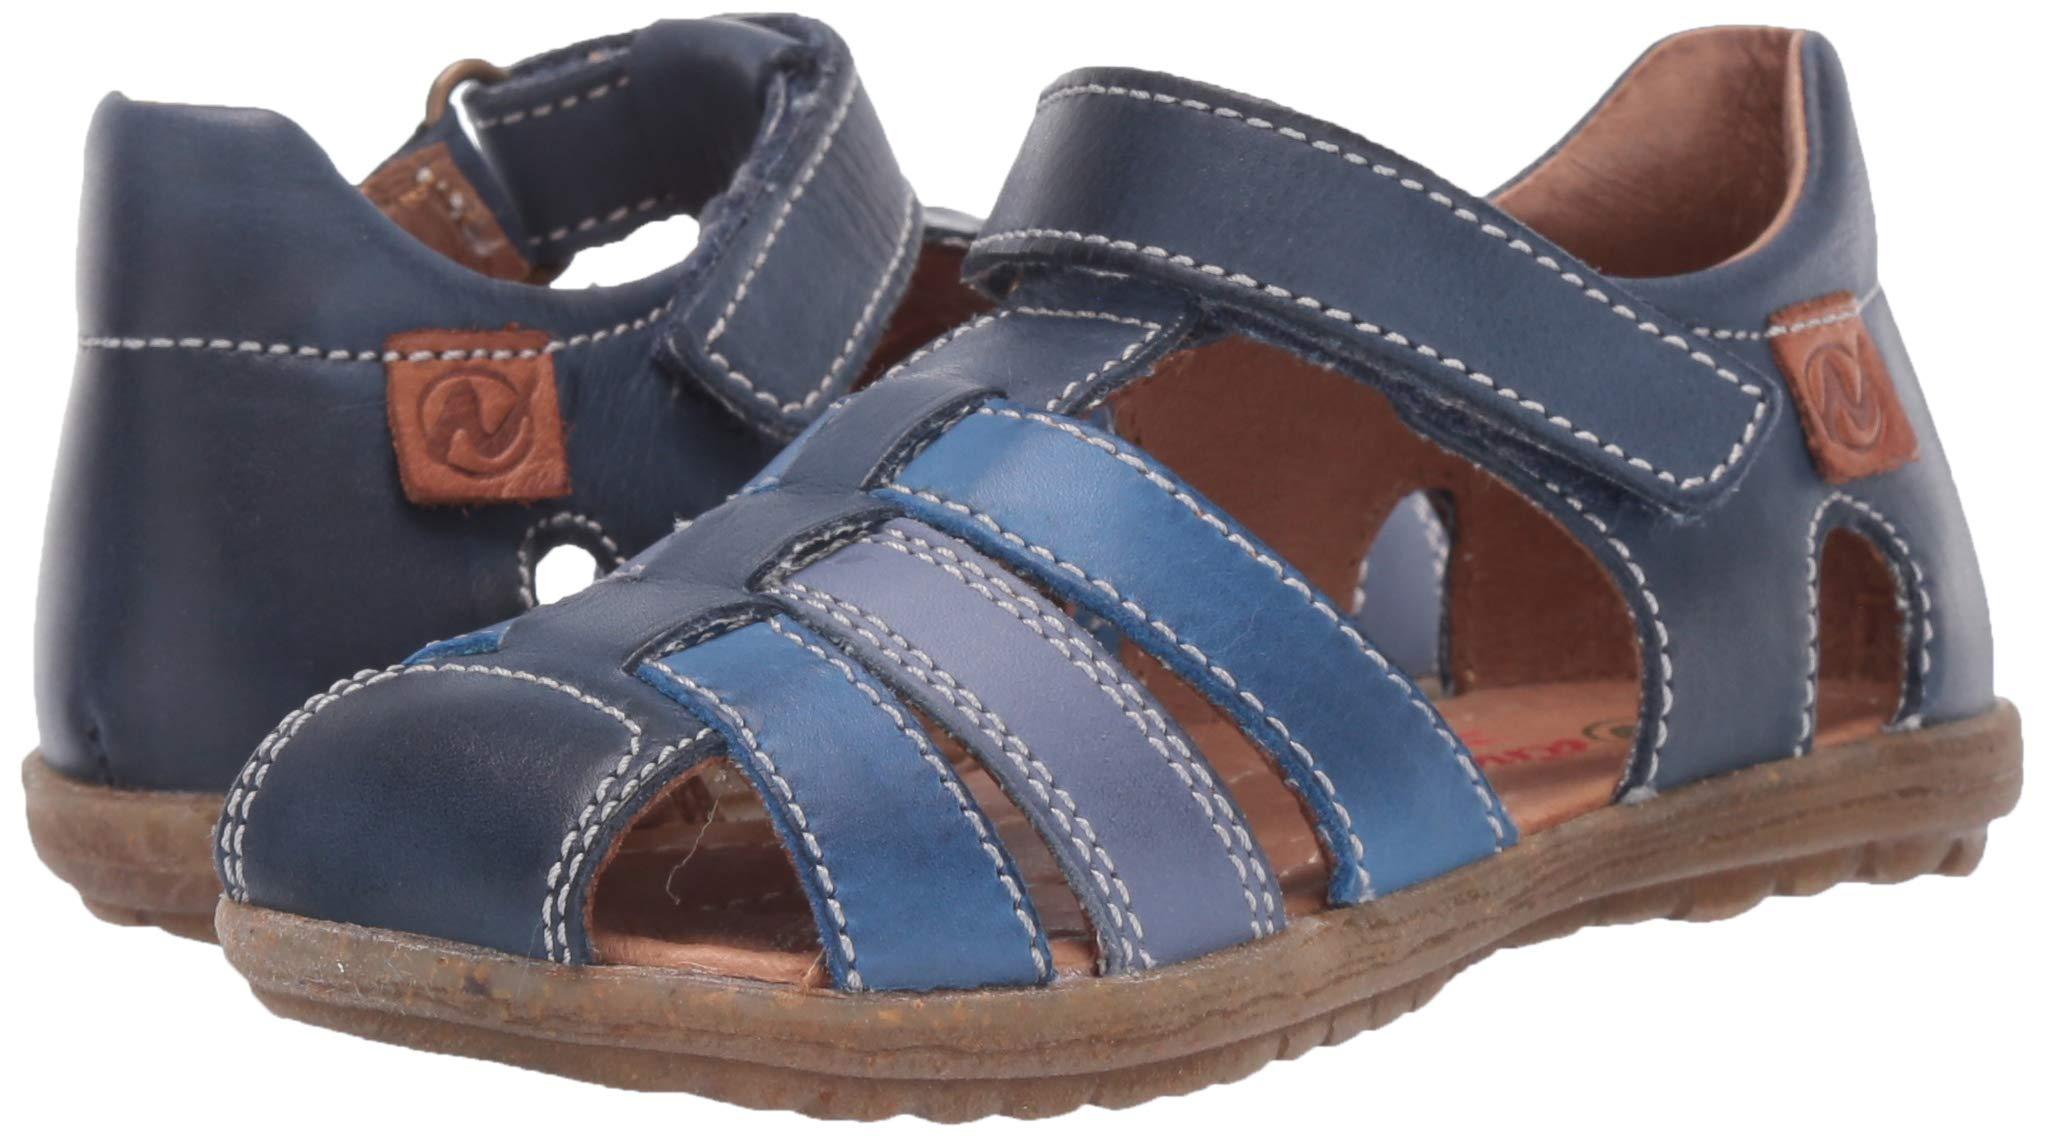 Naturino Boys See Gladiator Sandals, Multicolour (Navy/Azzurro/Celeste 1c53), 7 UK 7UK Child by Naturino (Image #6)